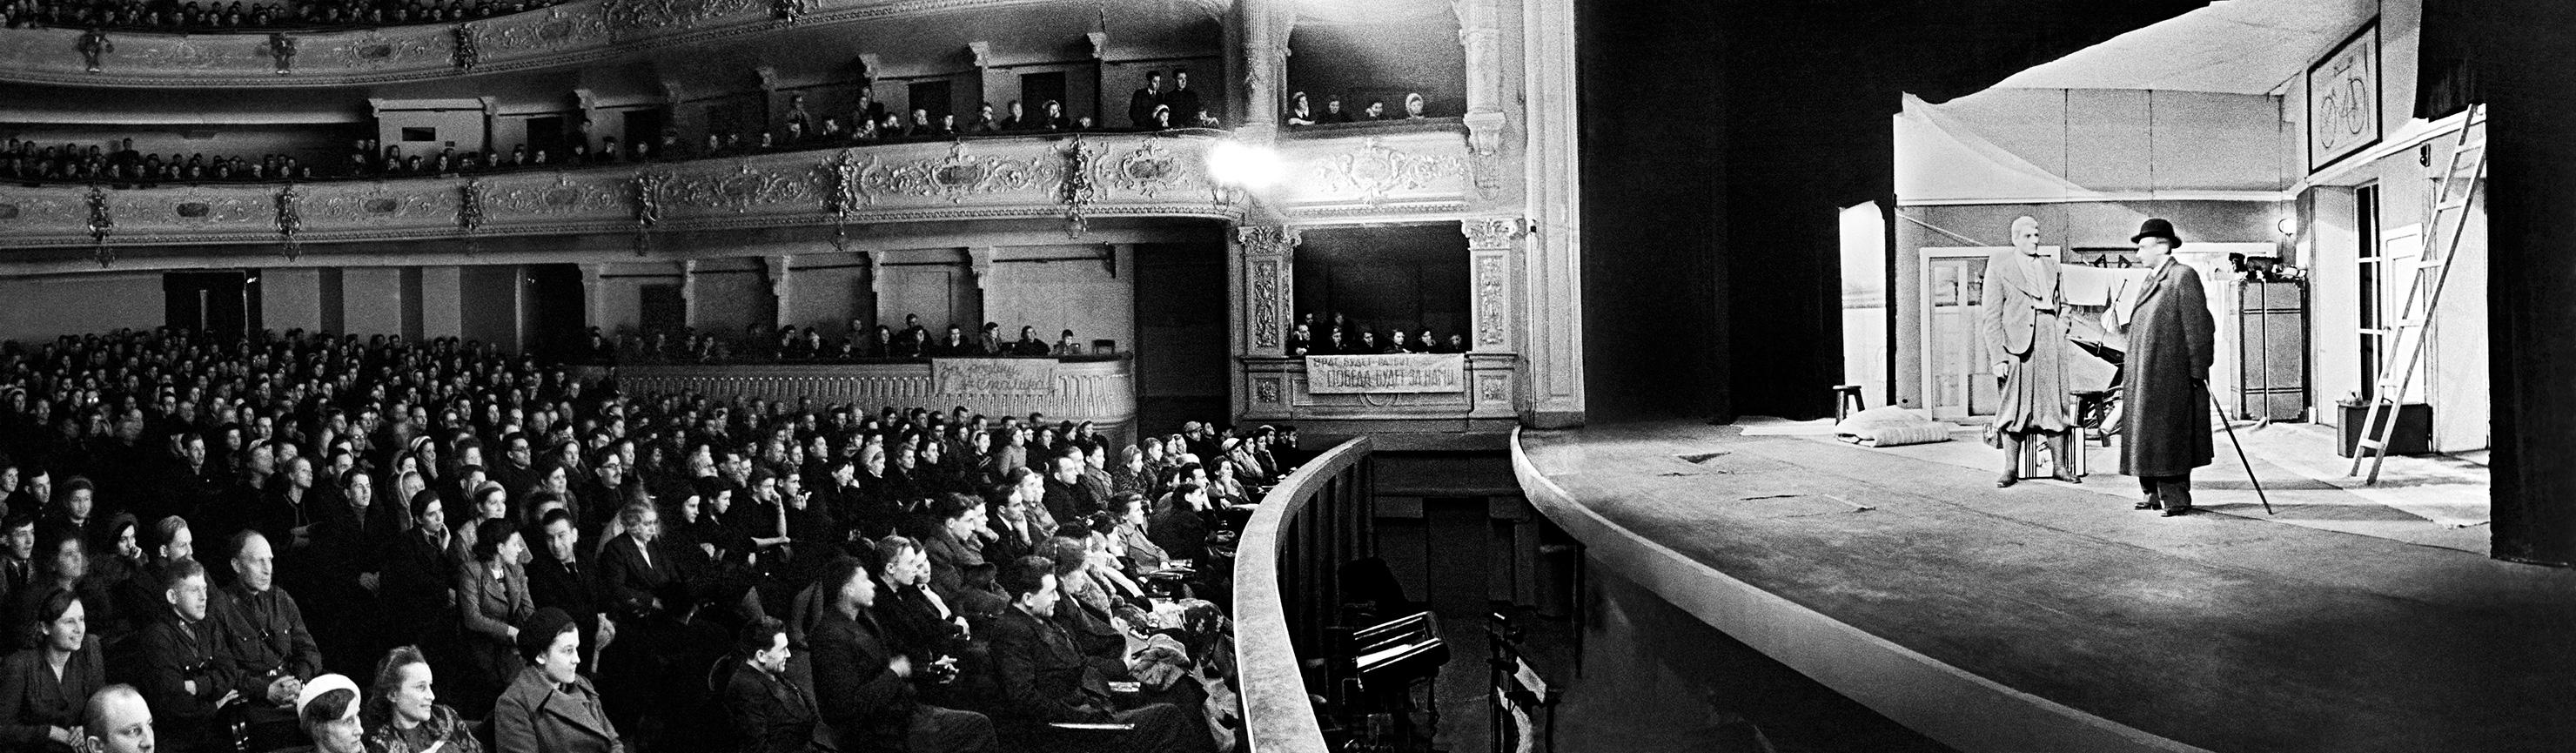 Per sostenere il morale degli abitanti il Teatro musicale allestiva spettacoli nel palazzo sede del Teatro Aleksandrinskij. Nei giorni dell'assedio il celebre pianista sovietico Dmitrij Shostakovich compose la Settima sinfonia di Leningrado, diventata poi celebre in tutto il mondo